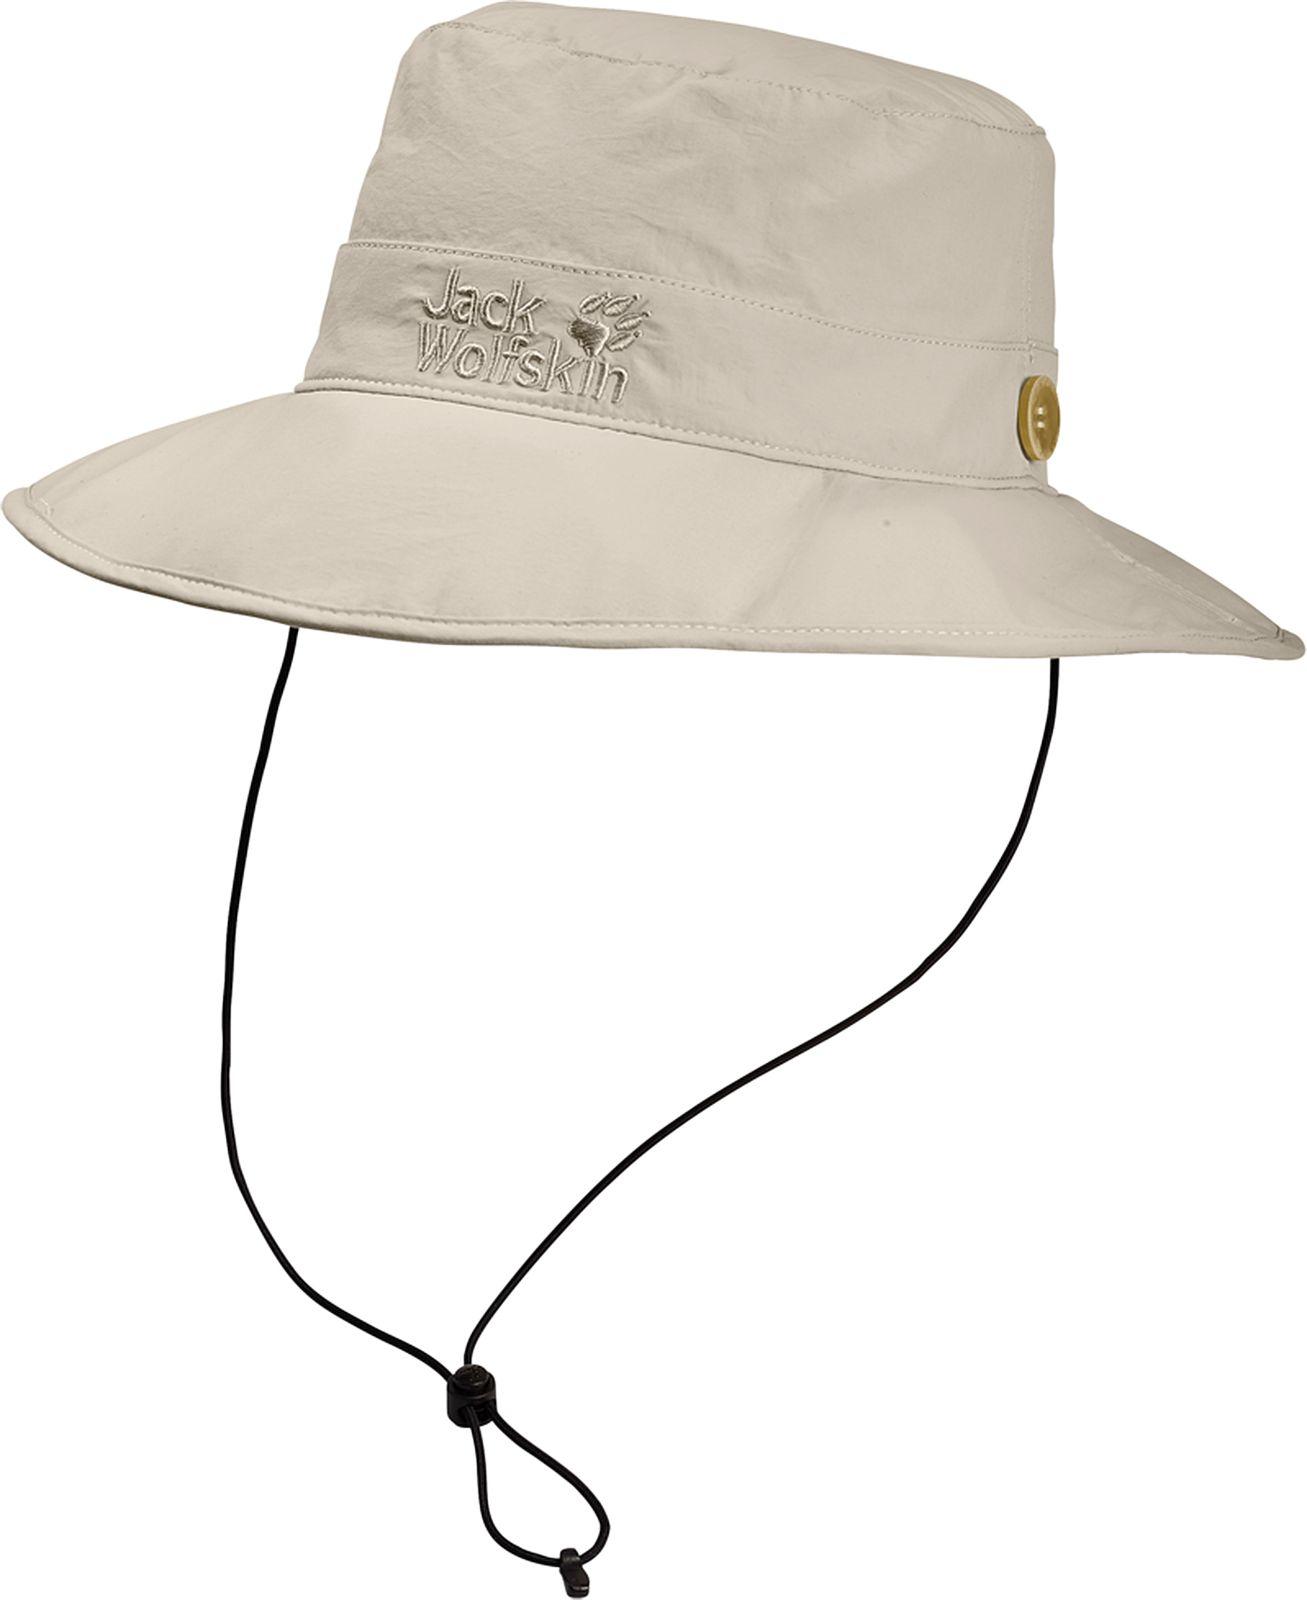 Панама Jack Wolfskin Supplex Mesh Hat панама jack wolfskin supplex sun hat